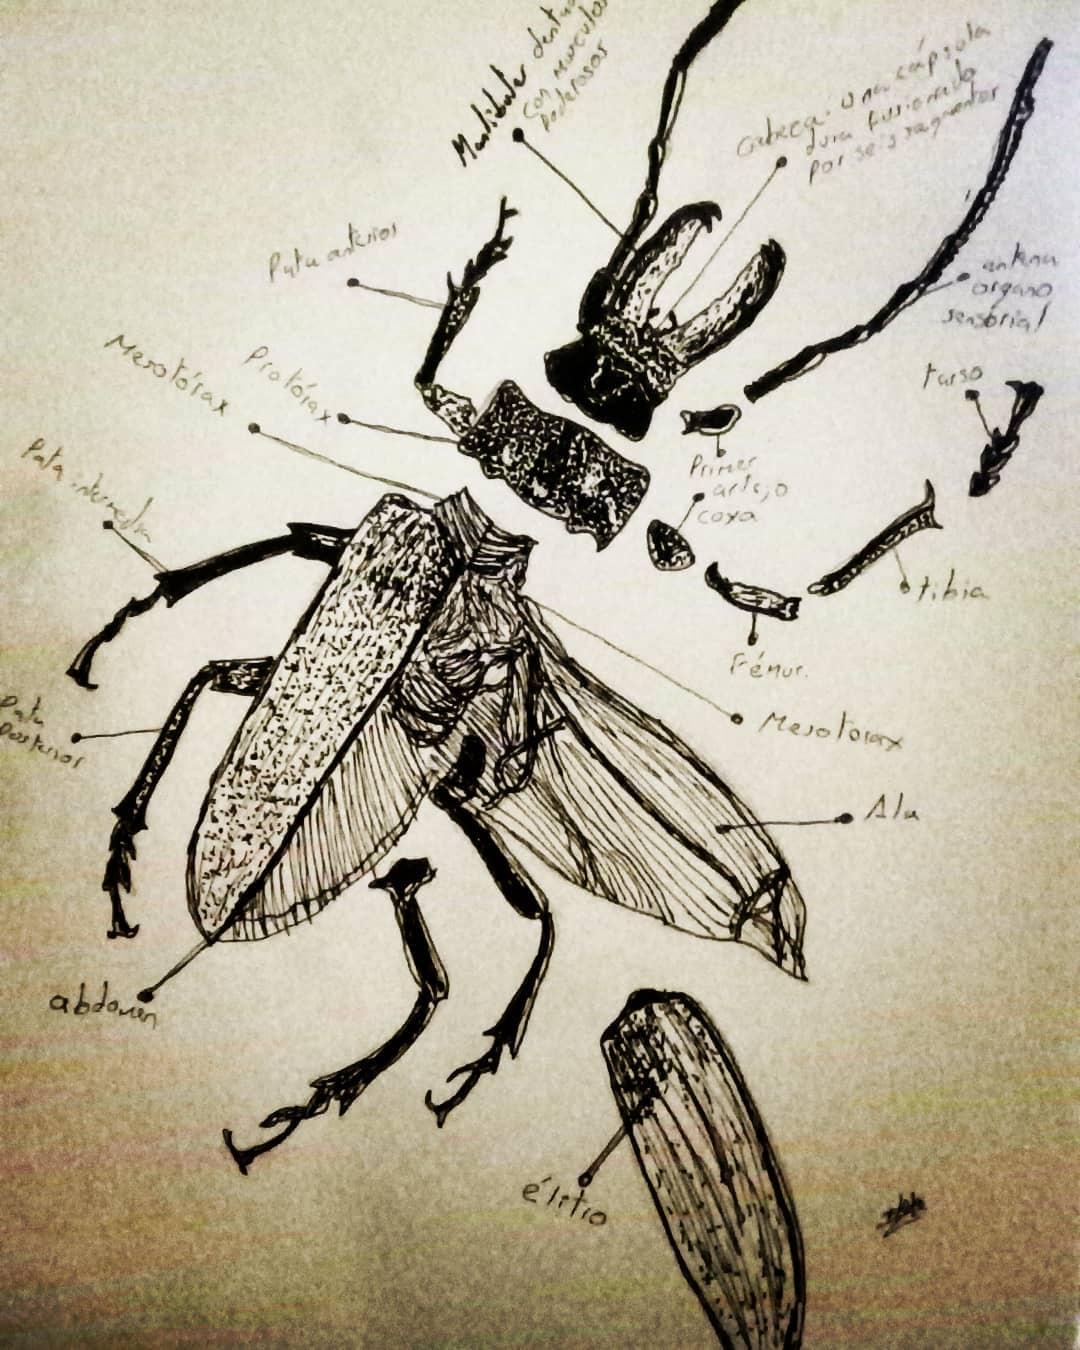 La anatomía de un escarabajo